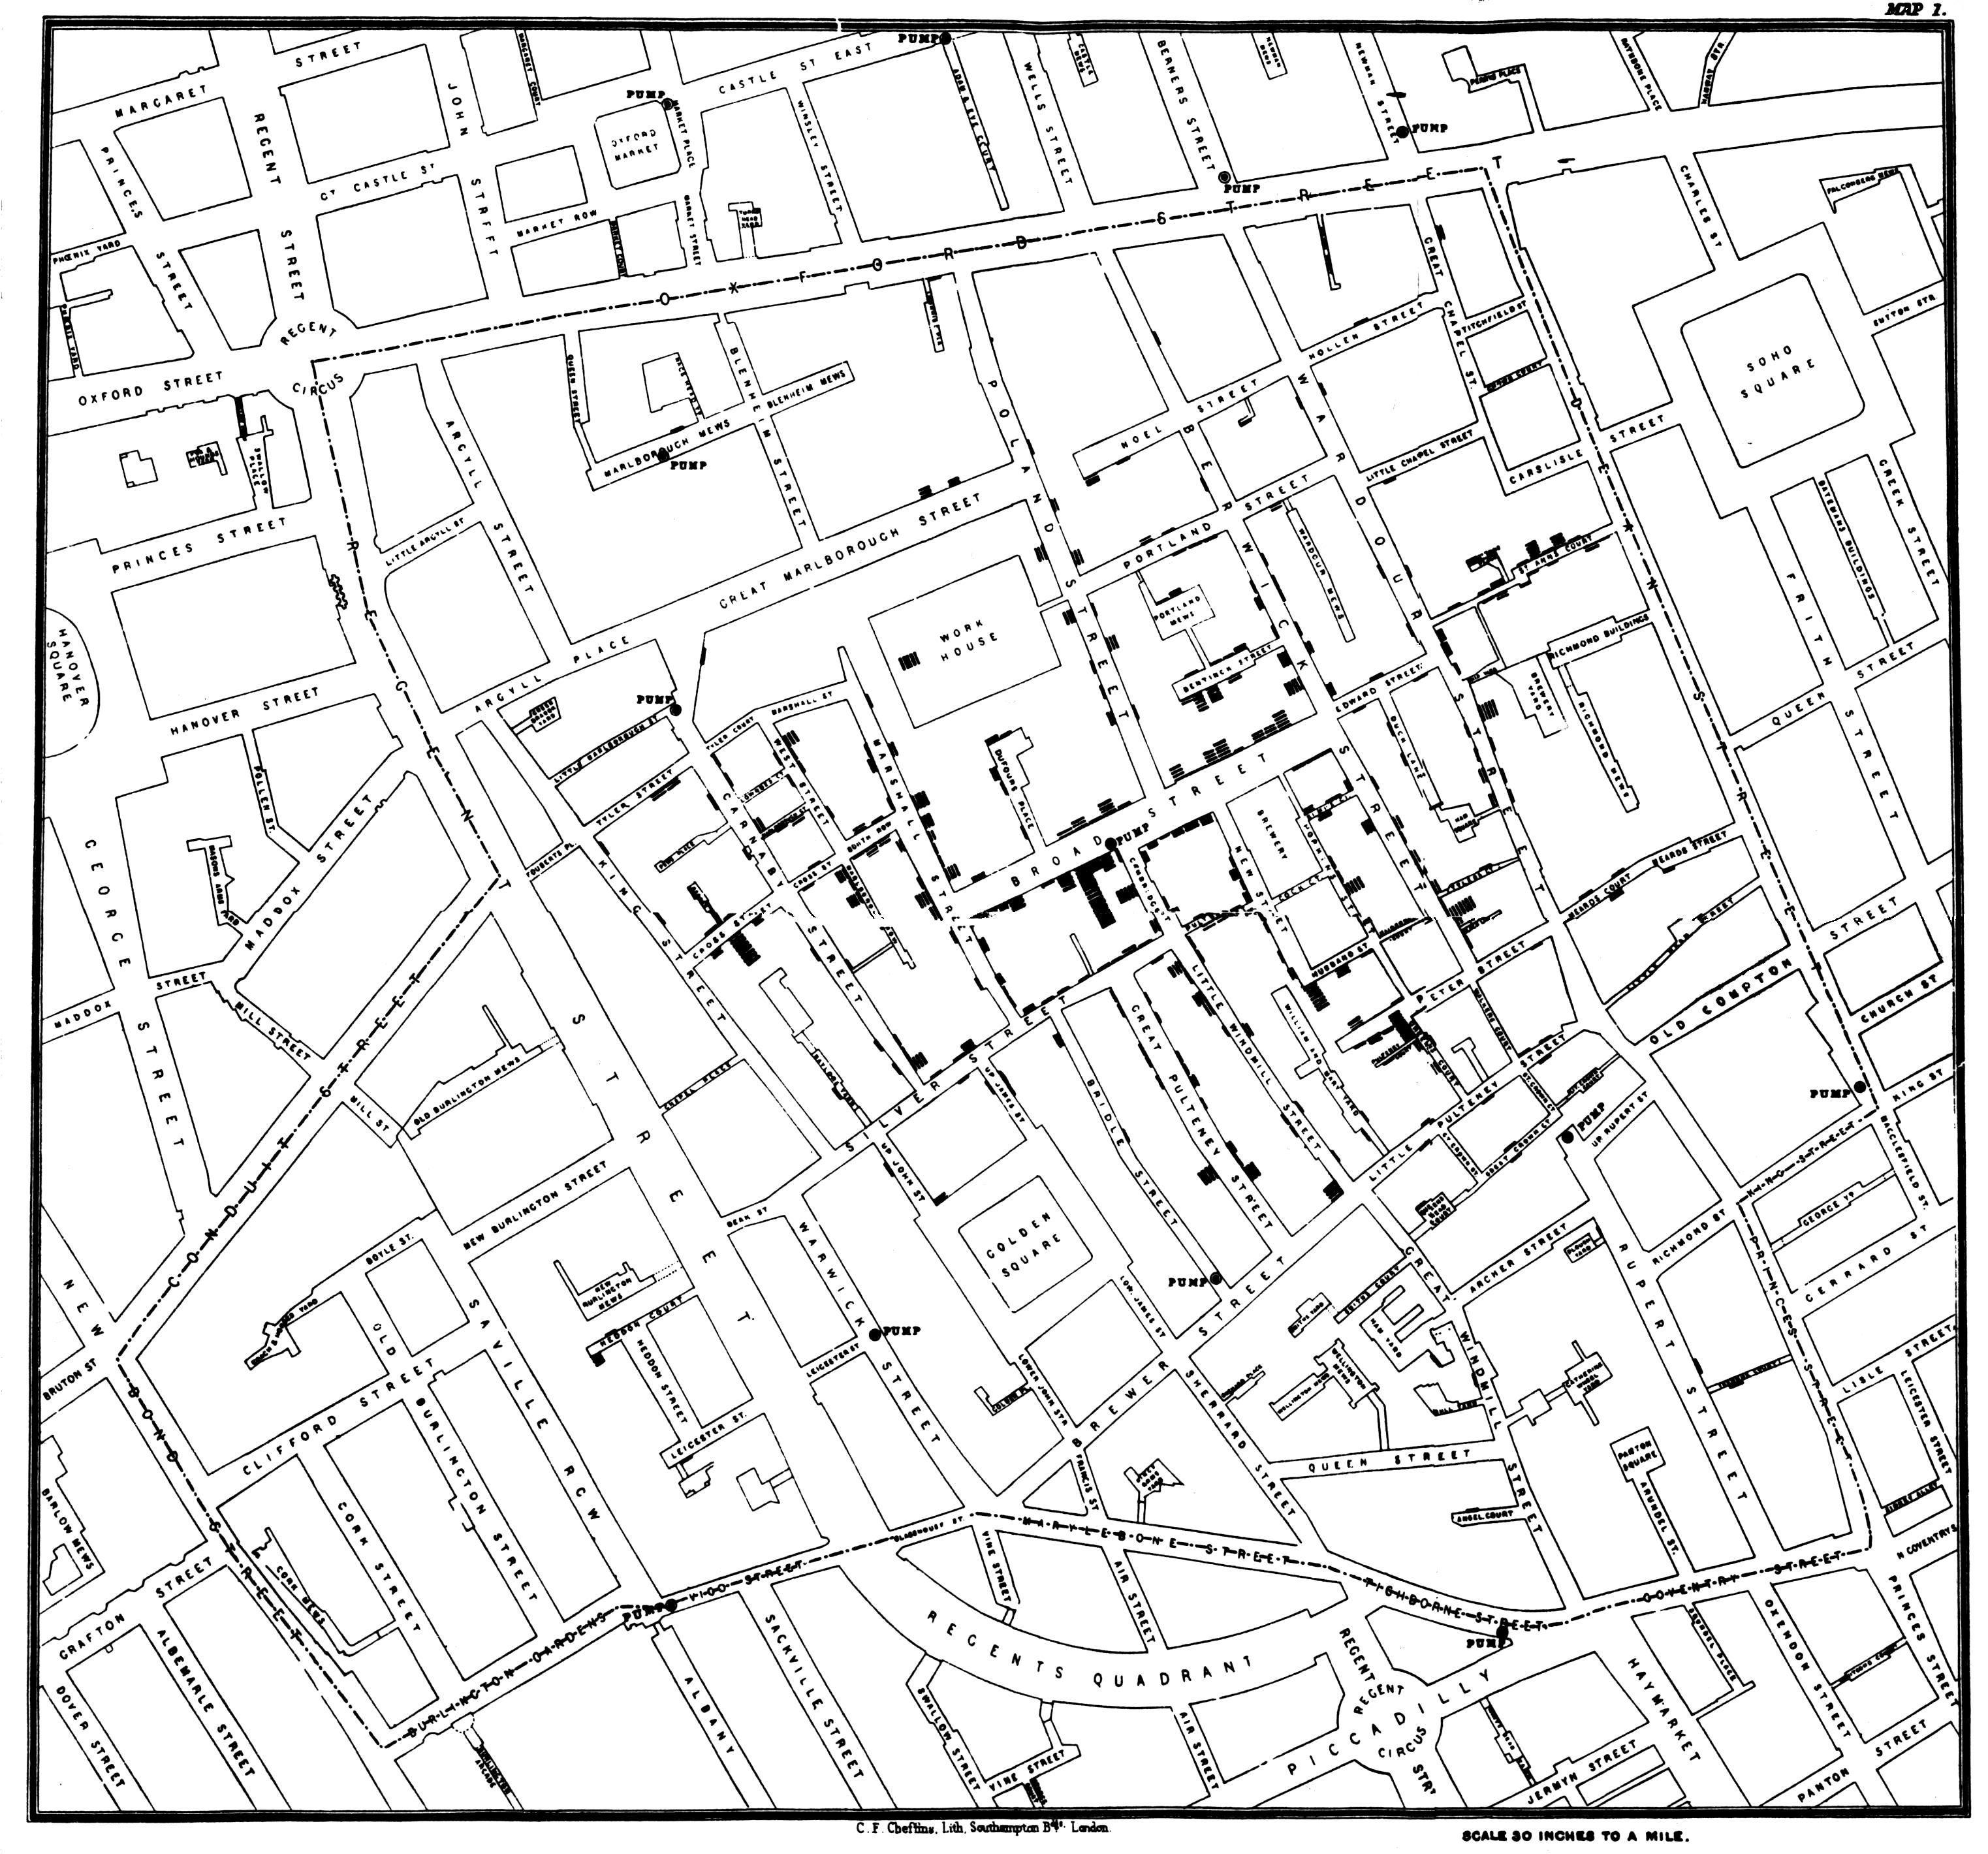 john-snow-cholera-map-1854